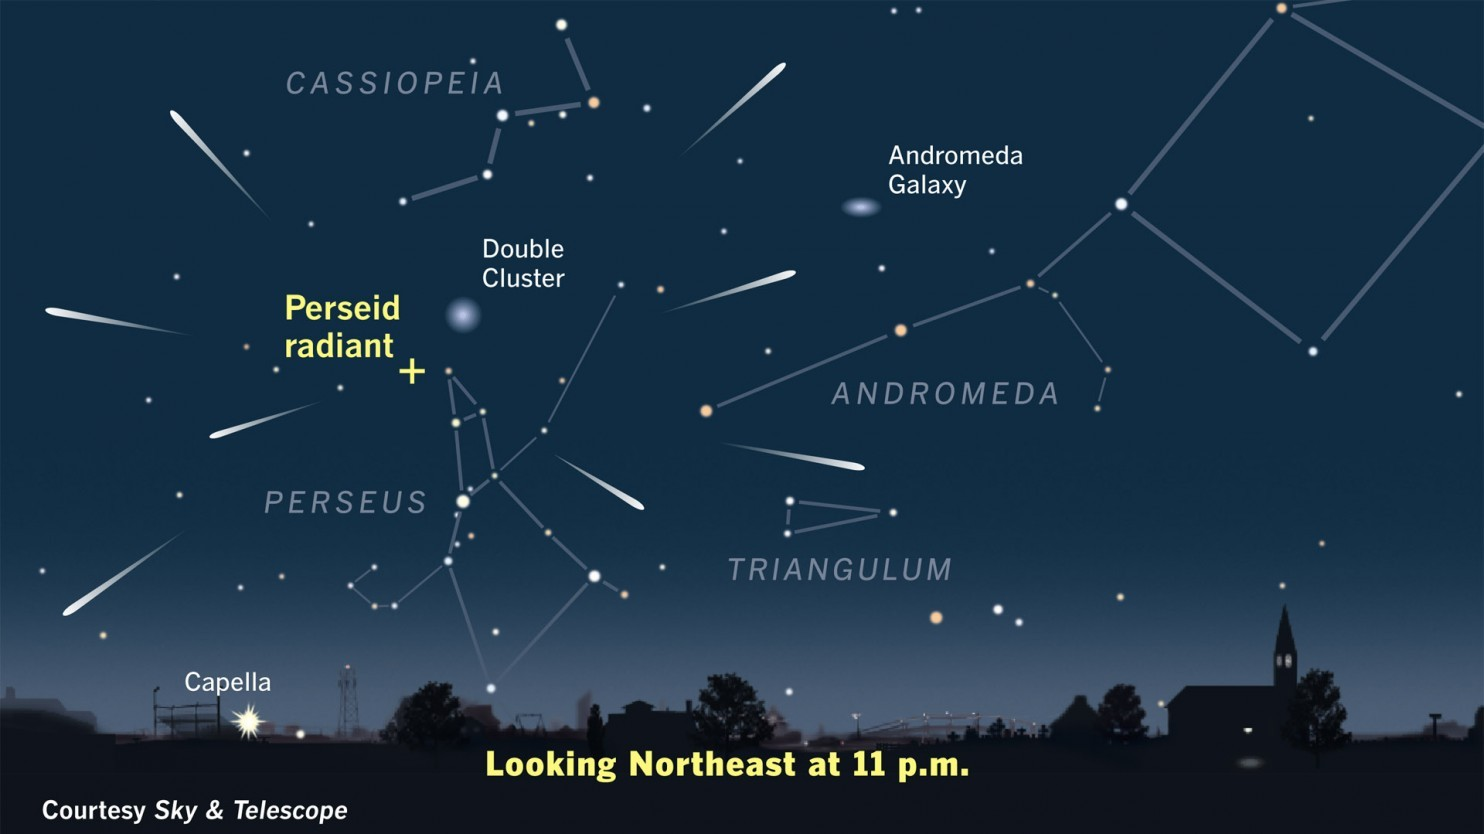 موقعیت بارش شهابی در شمال شرق آسمان در صورت فلکی برساوش